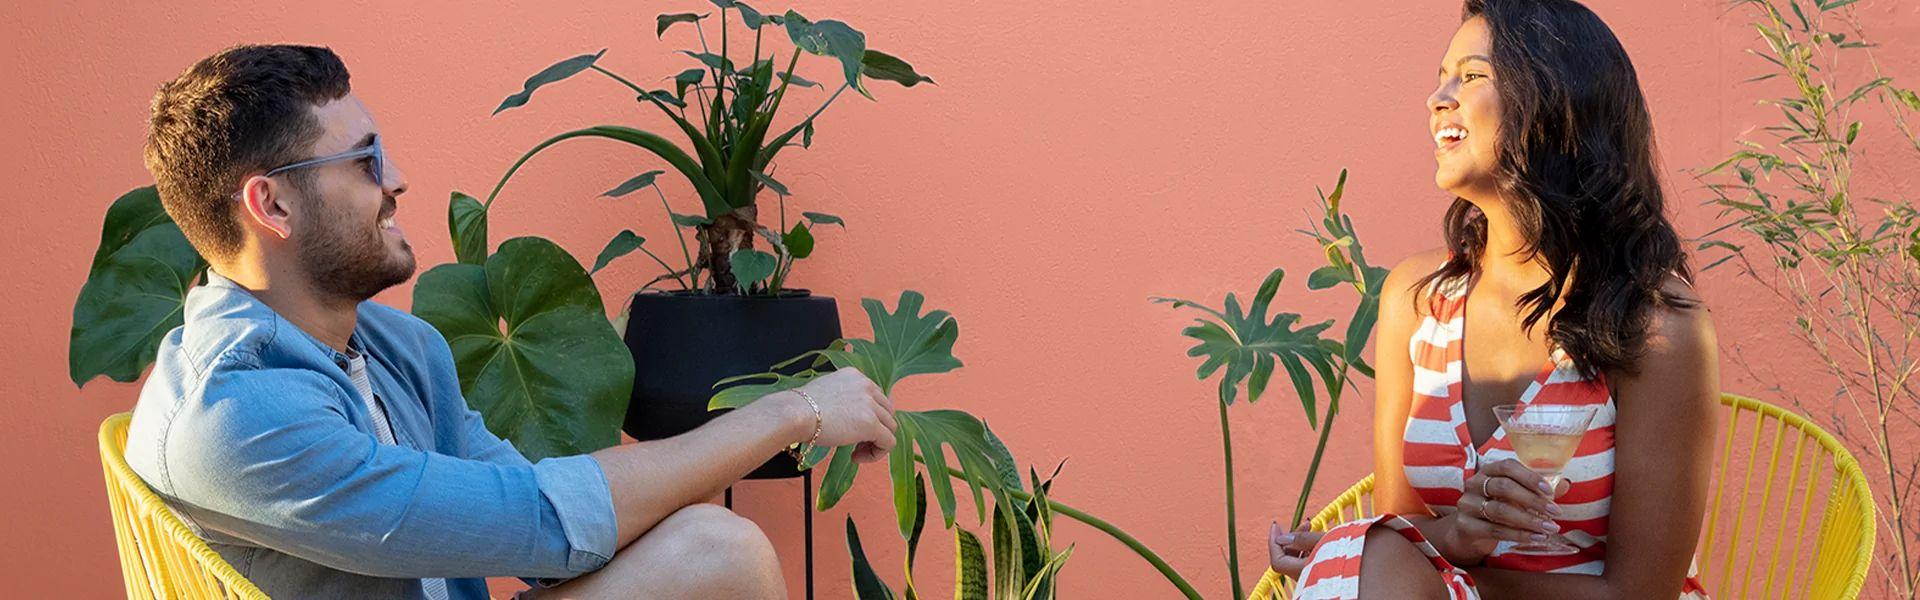 Homem e mulher conversando em ambiente externo decorado com Suvinil.